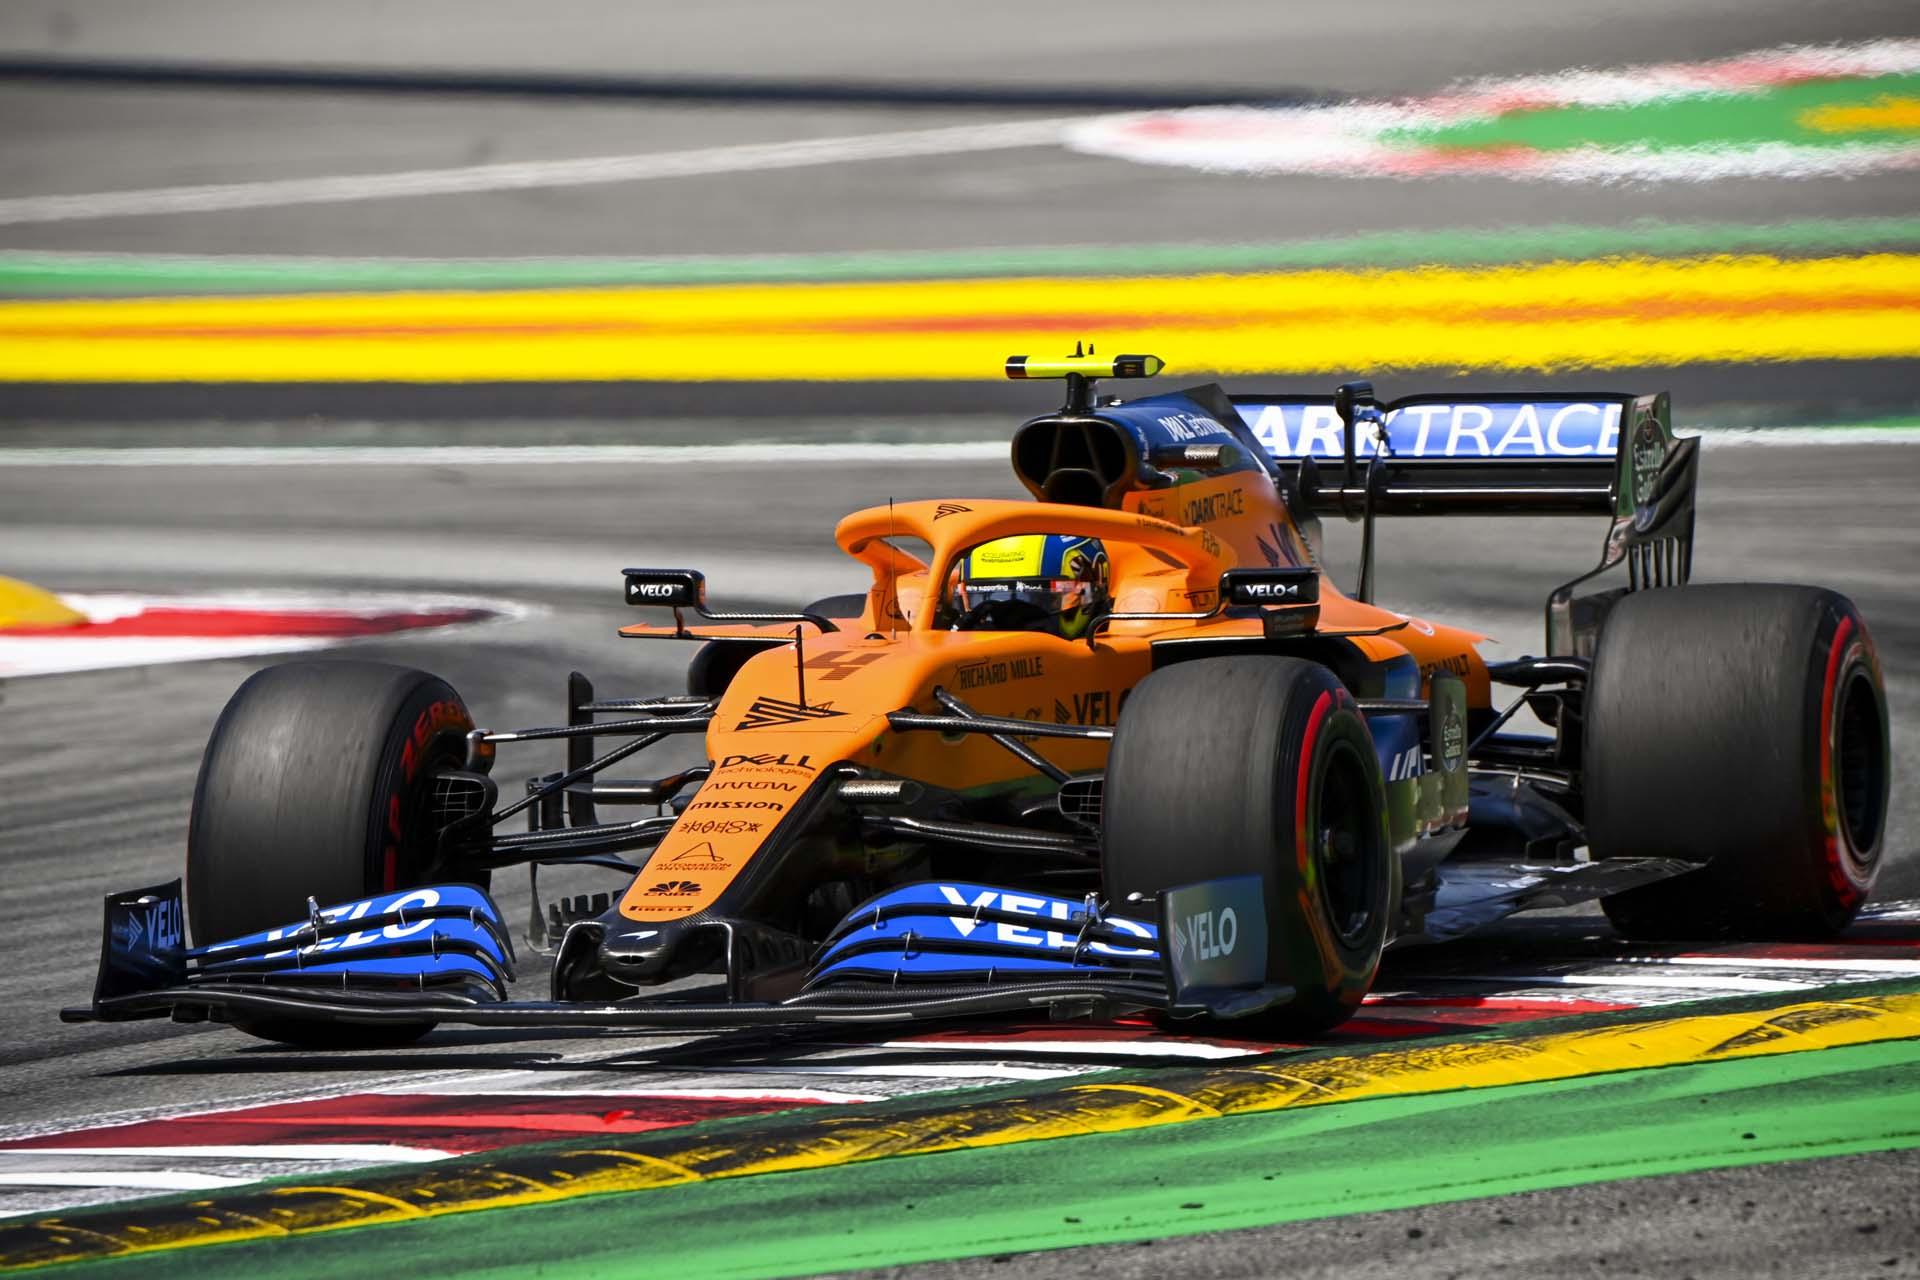 Lando Norris, McLaren MCL35, in the final chicane